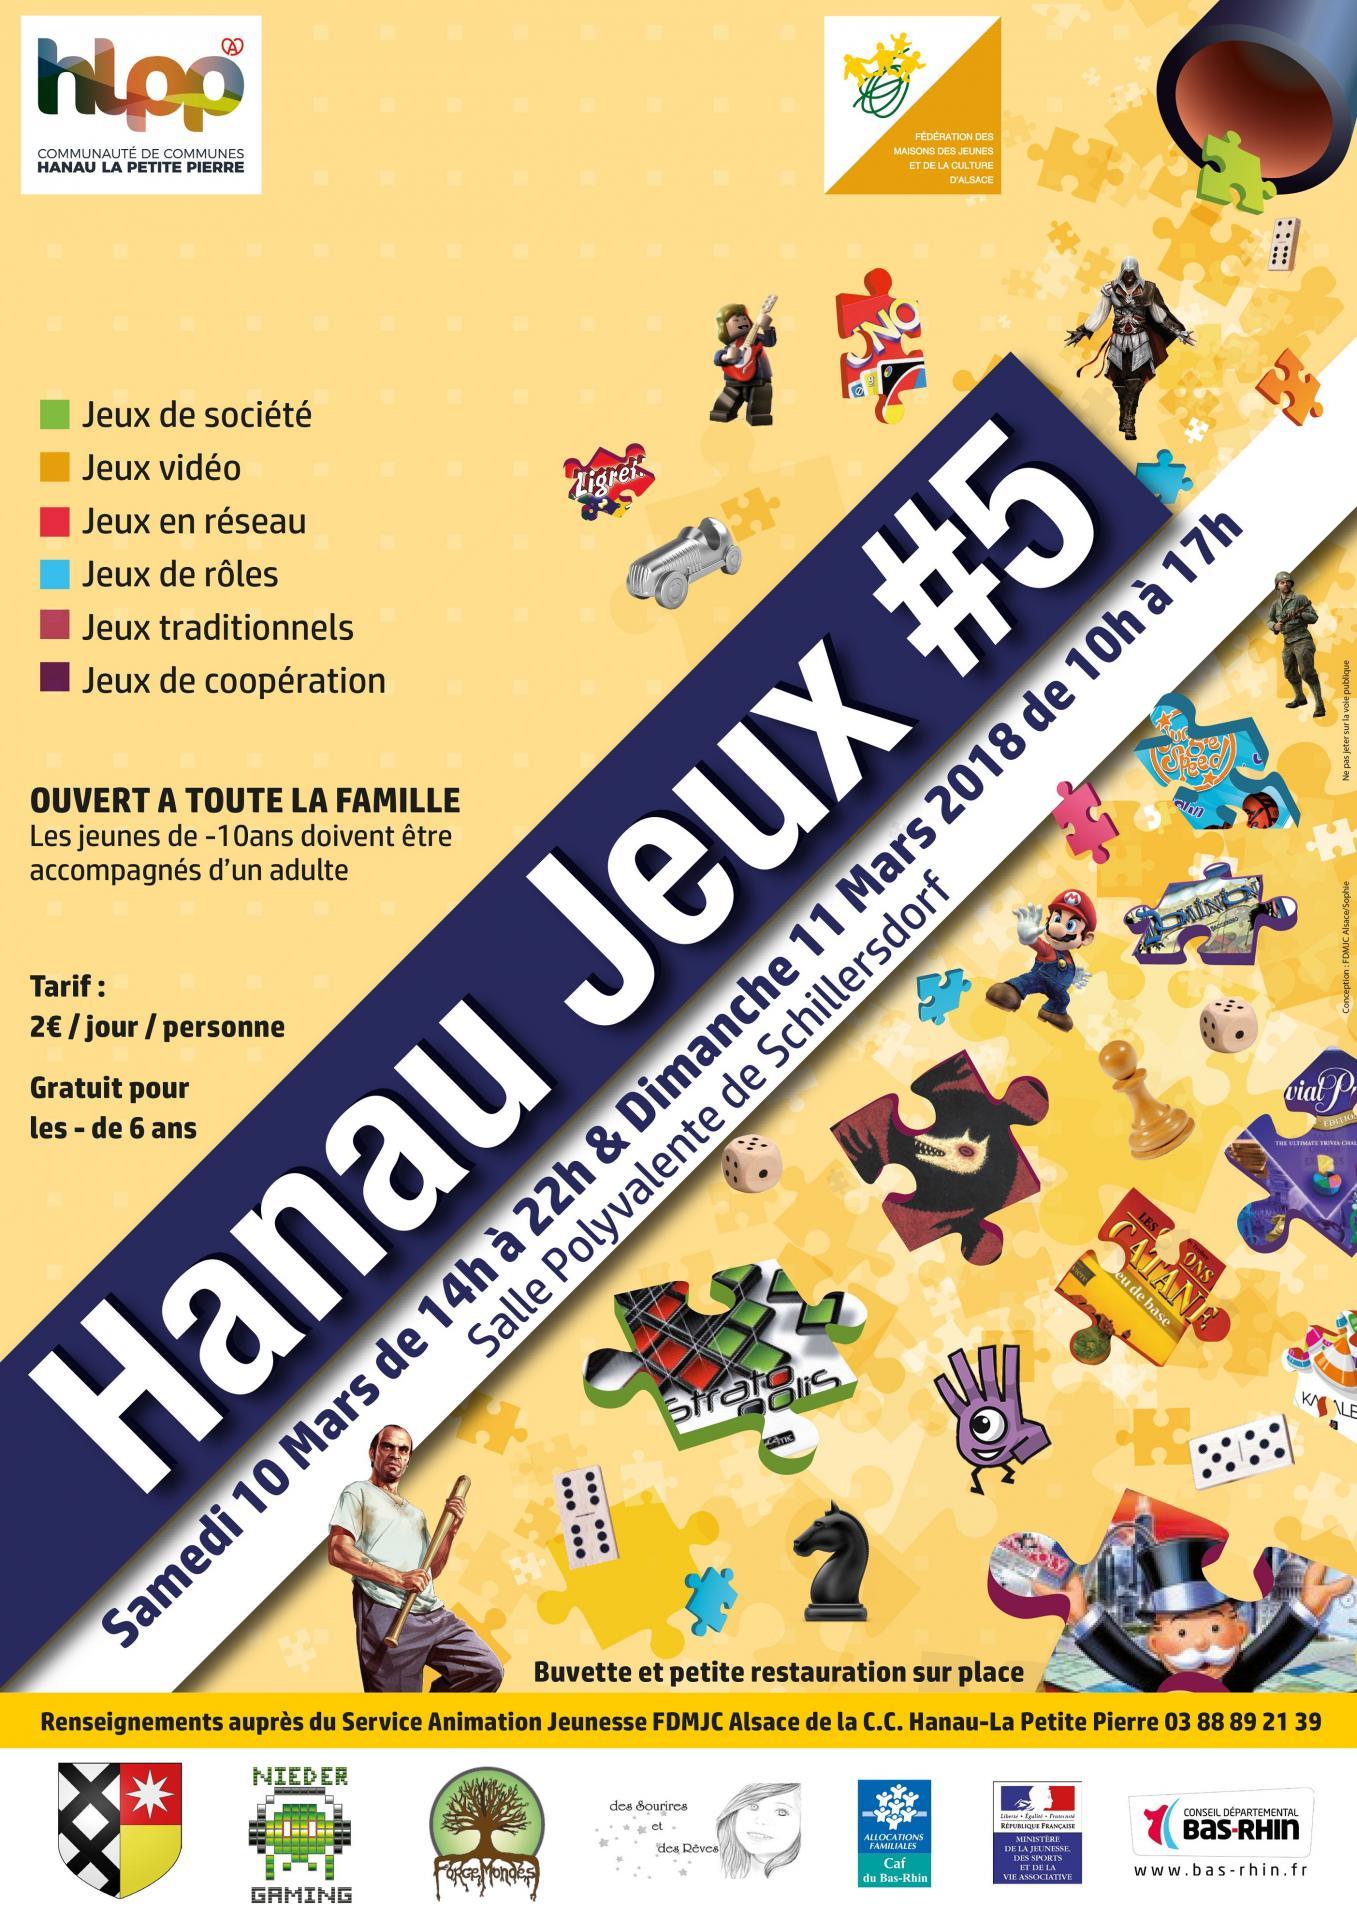 Ha a3 hanau jeux 2018 2